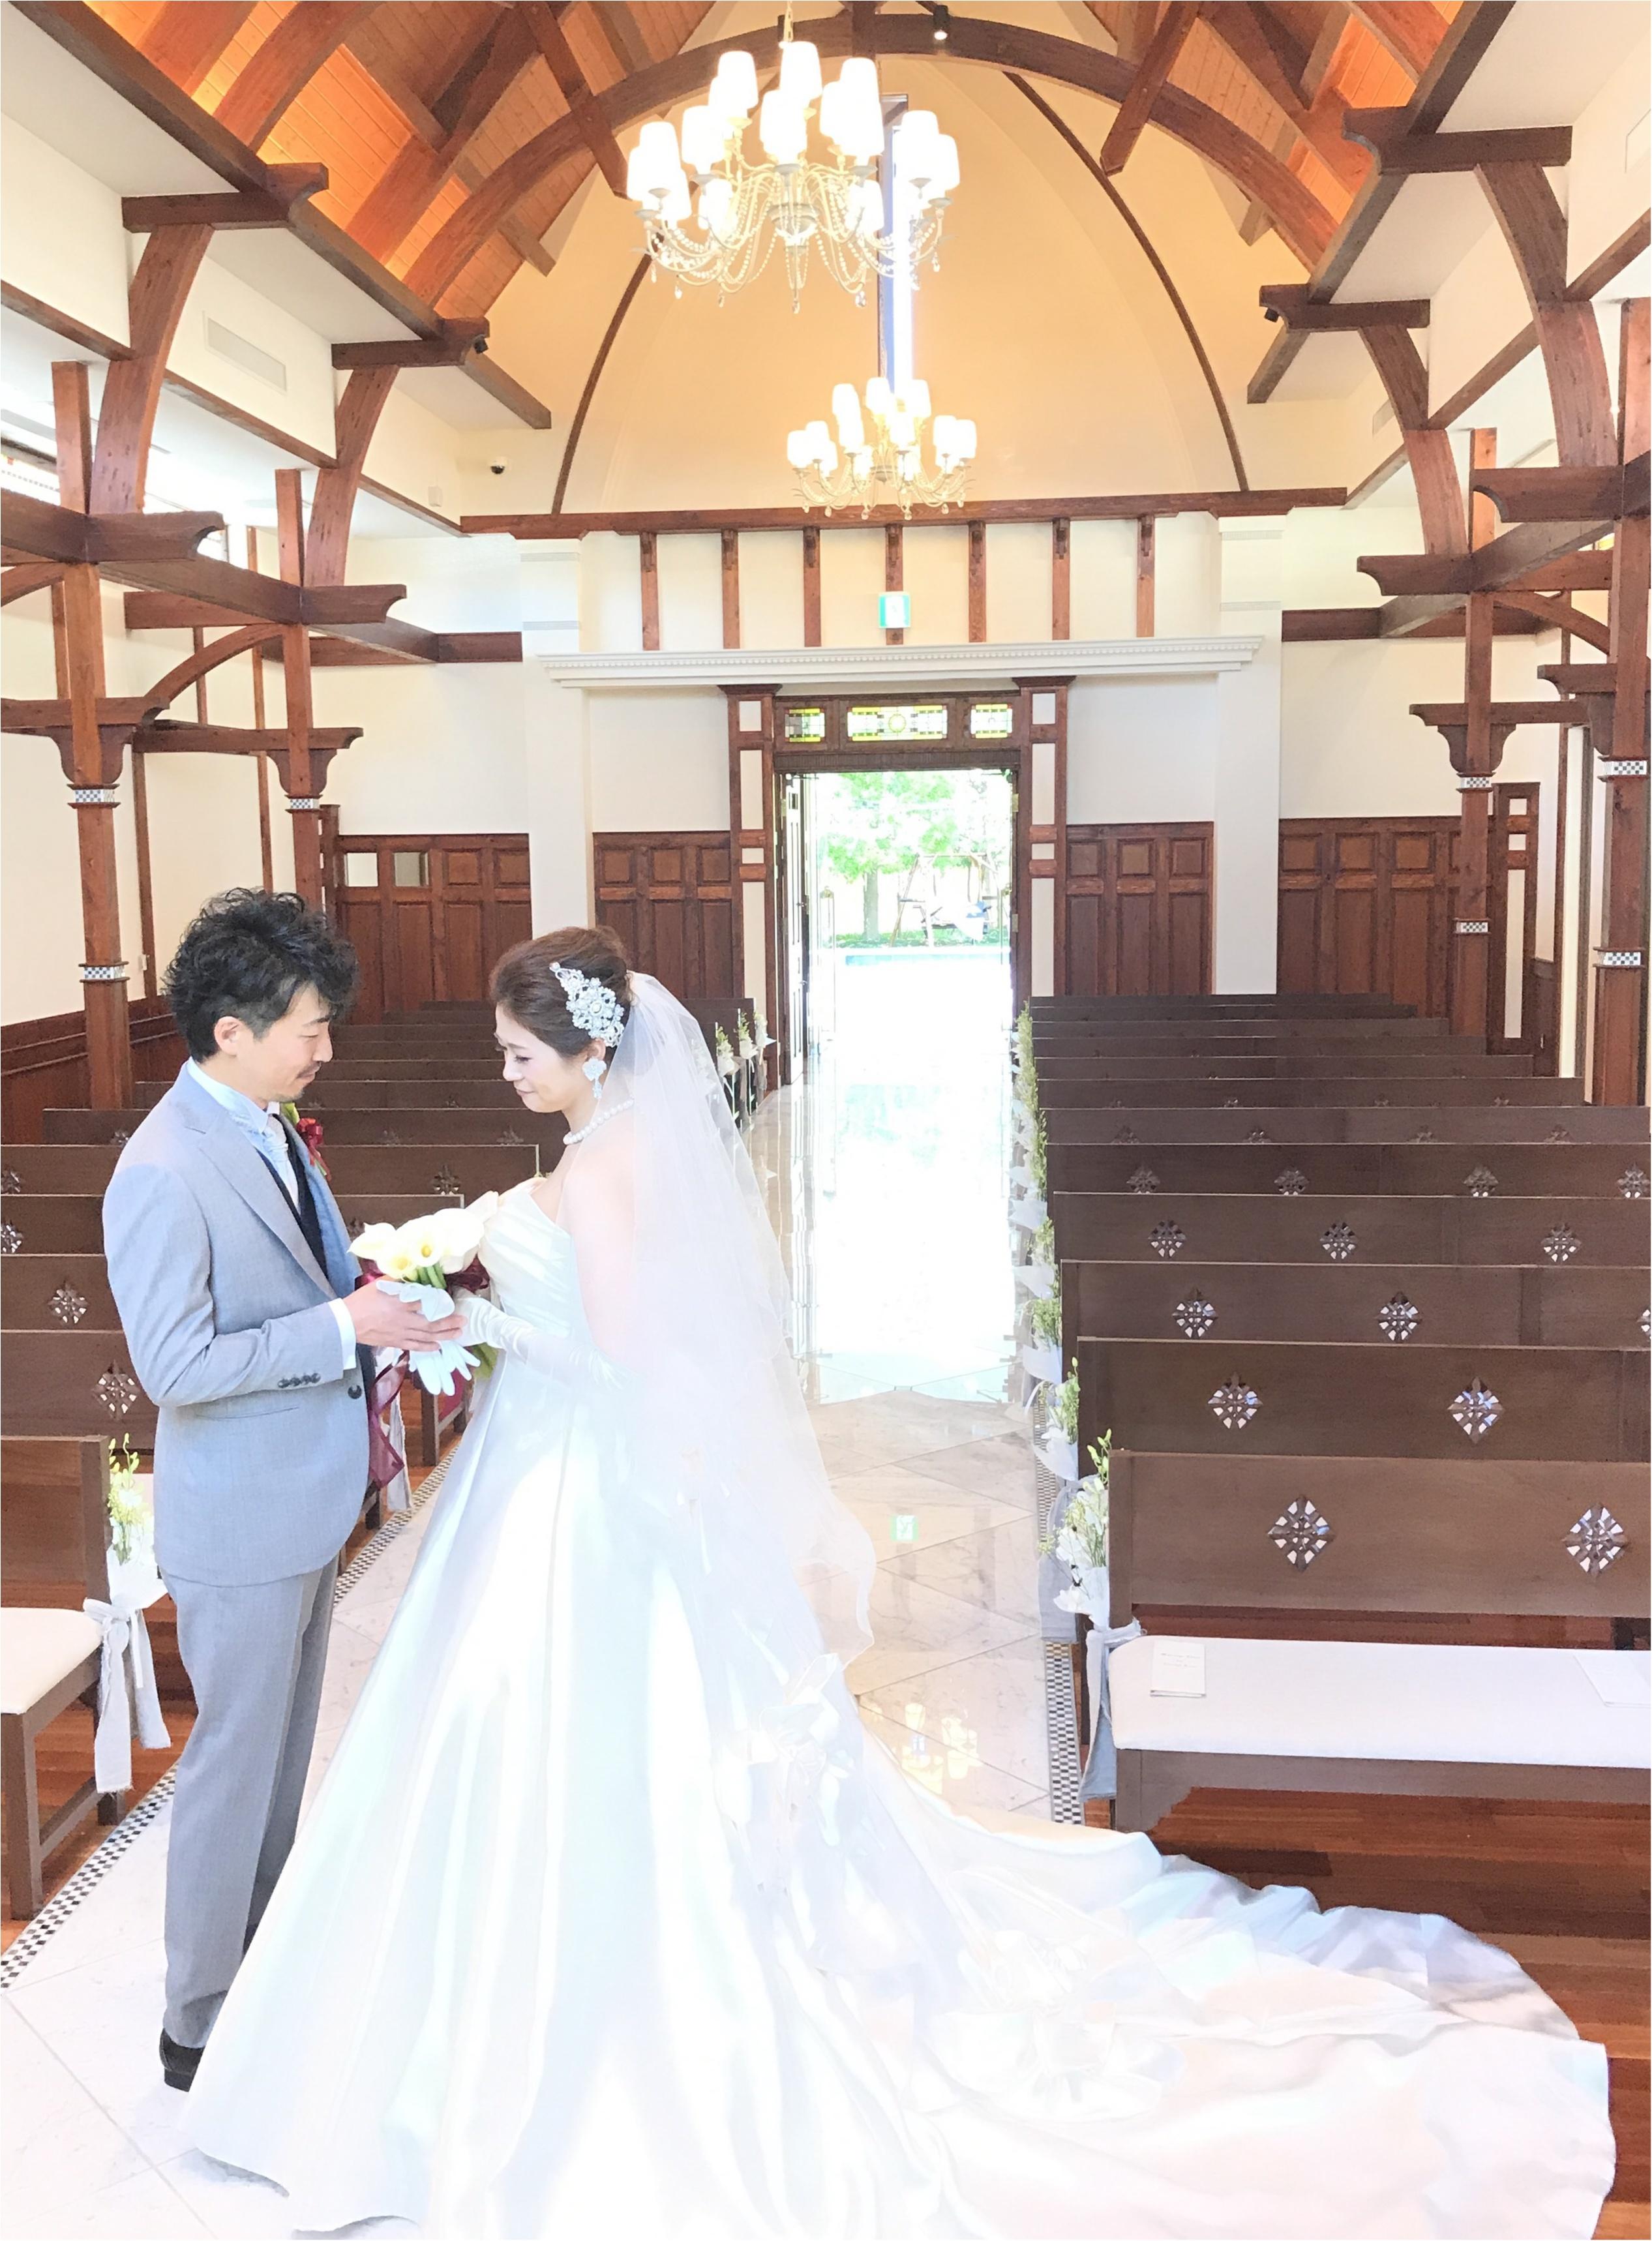 【ウェディング】結婚式のオフショット!式の裏側ではバタバタ〜!_1